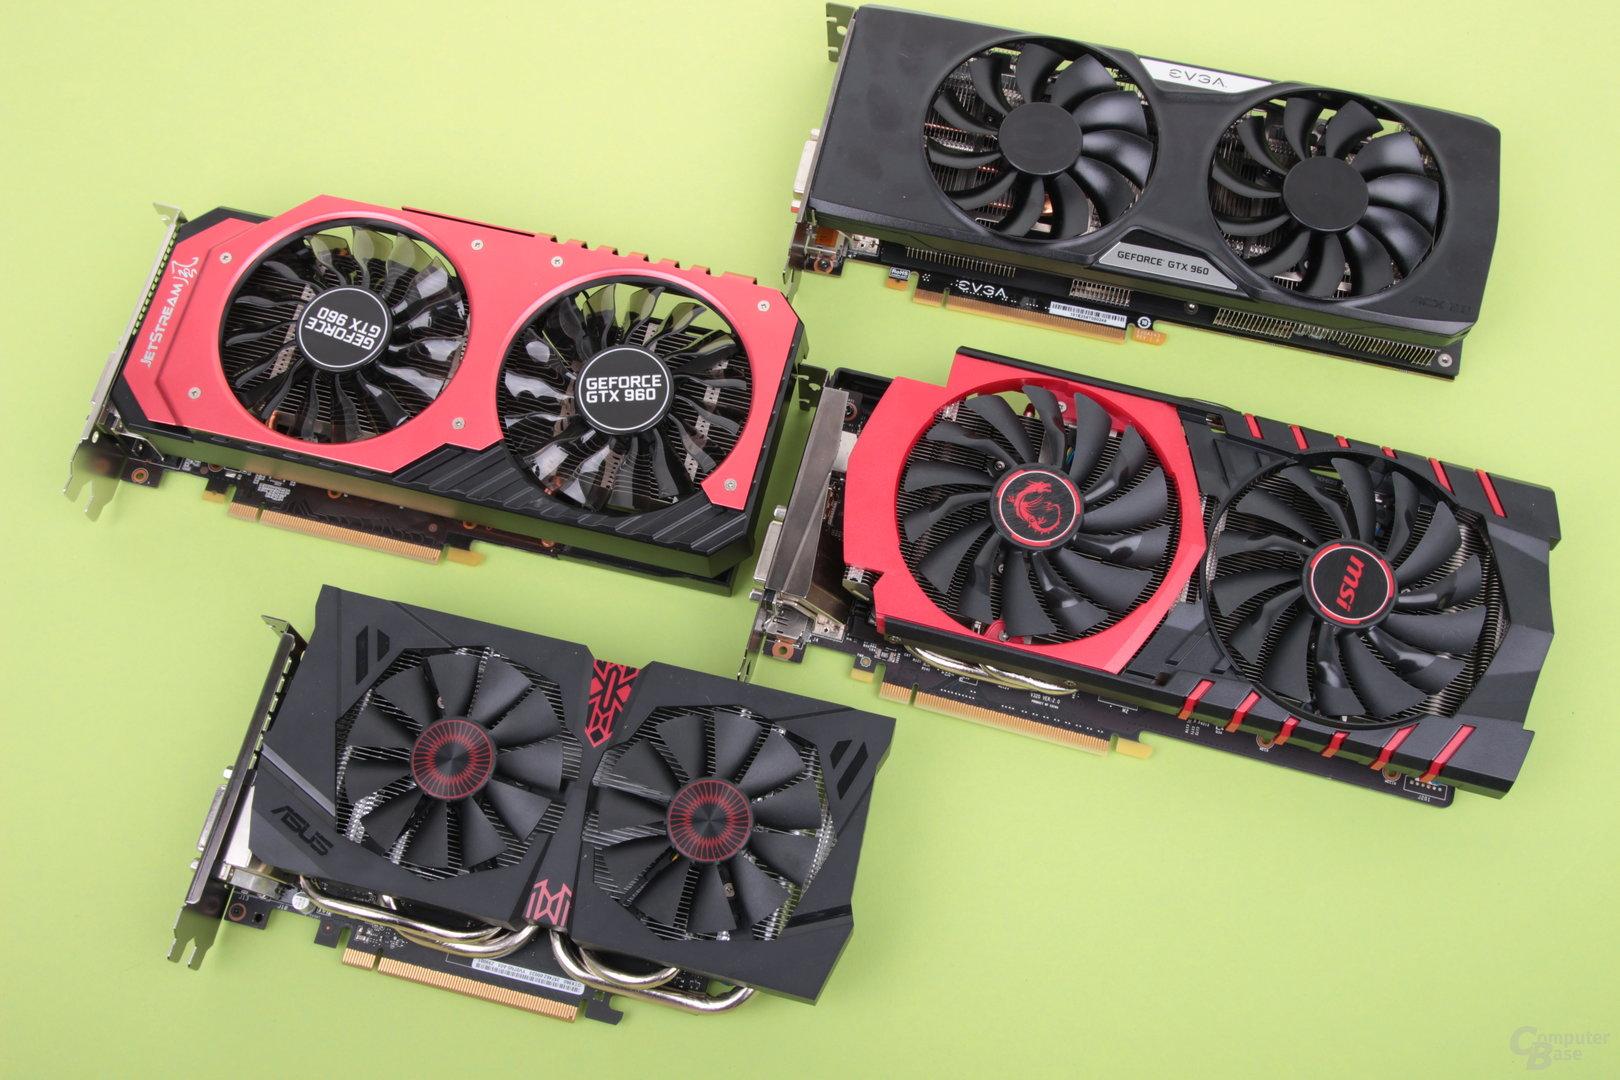 Partnerkarten der Nvidia GeForce GTX 960